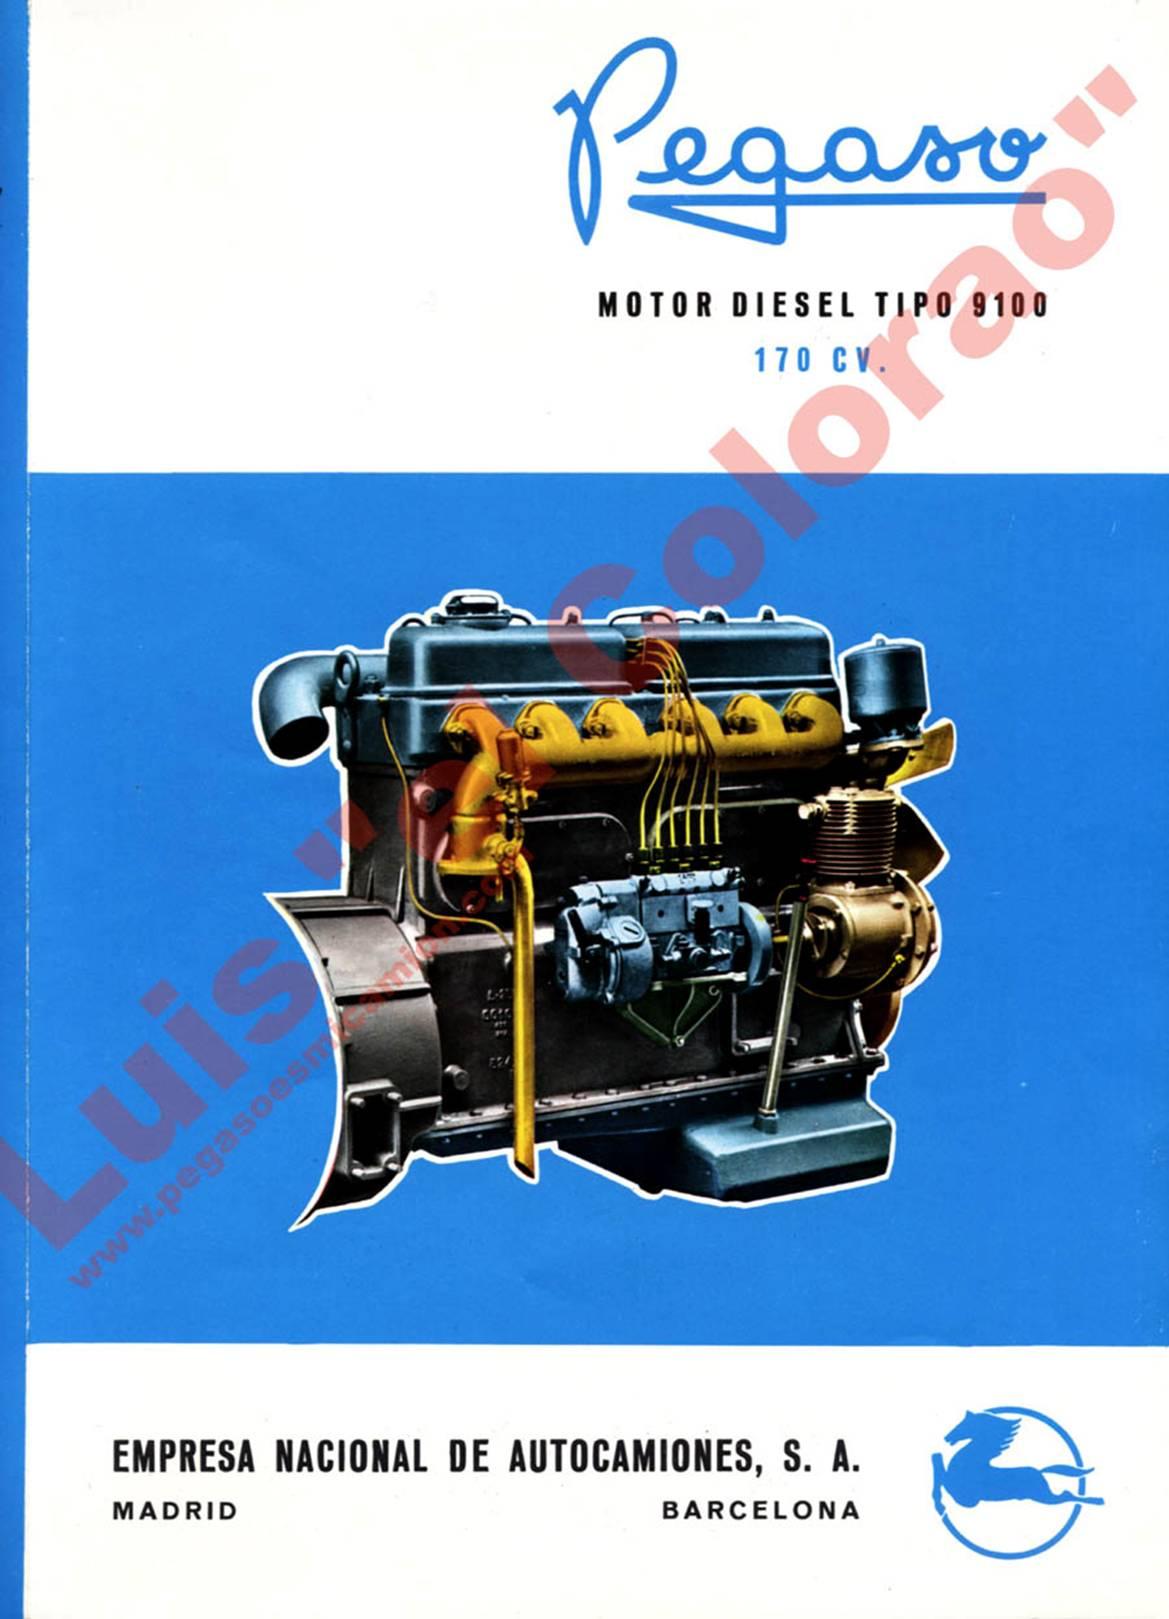 pegaso motor diesel 9100